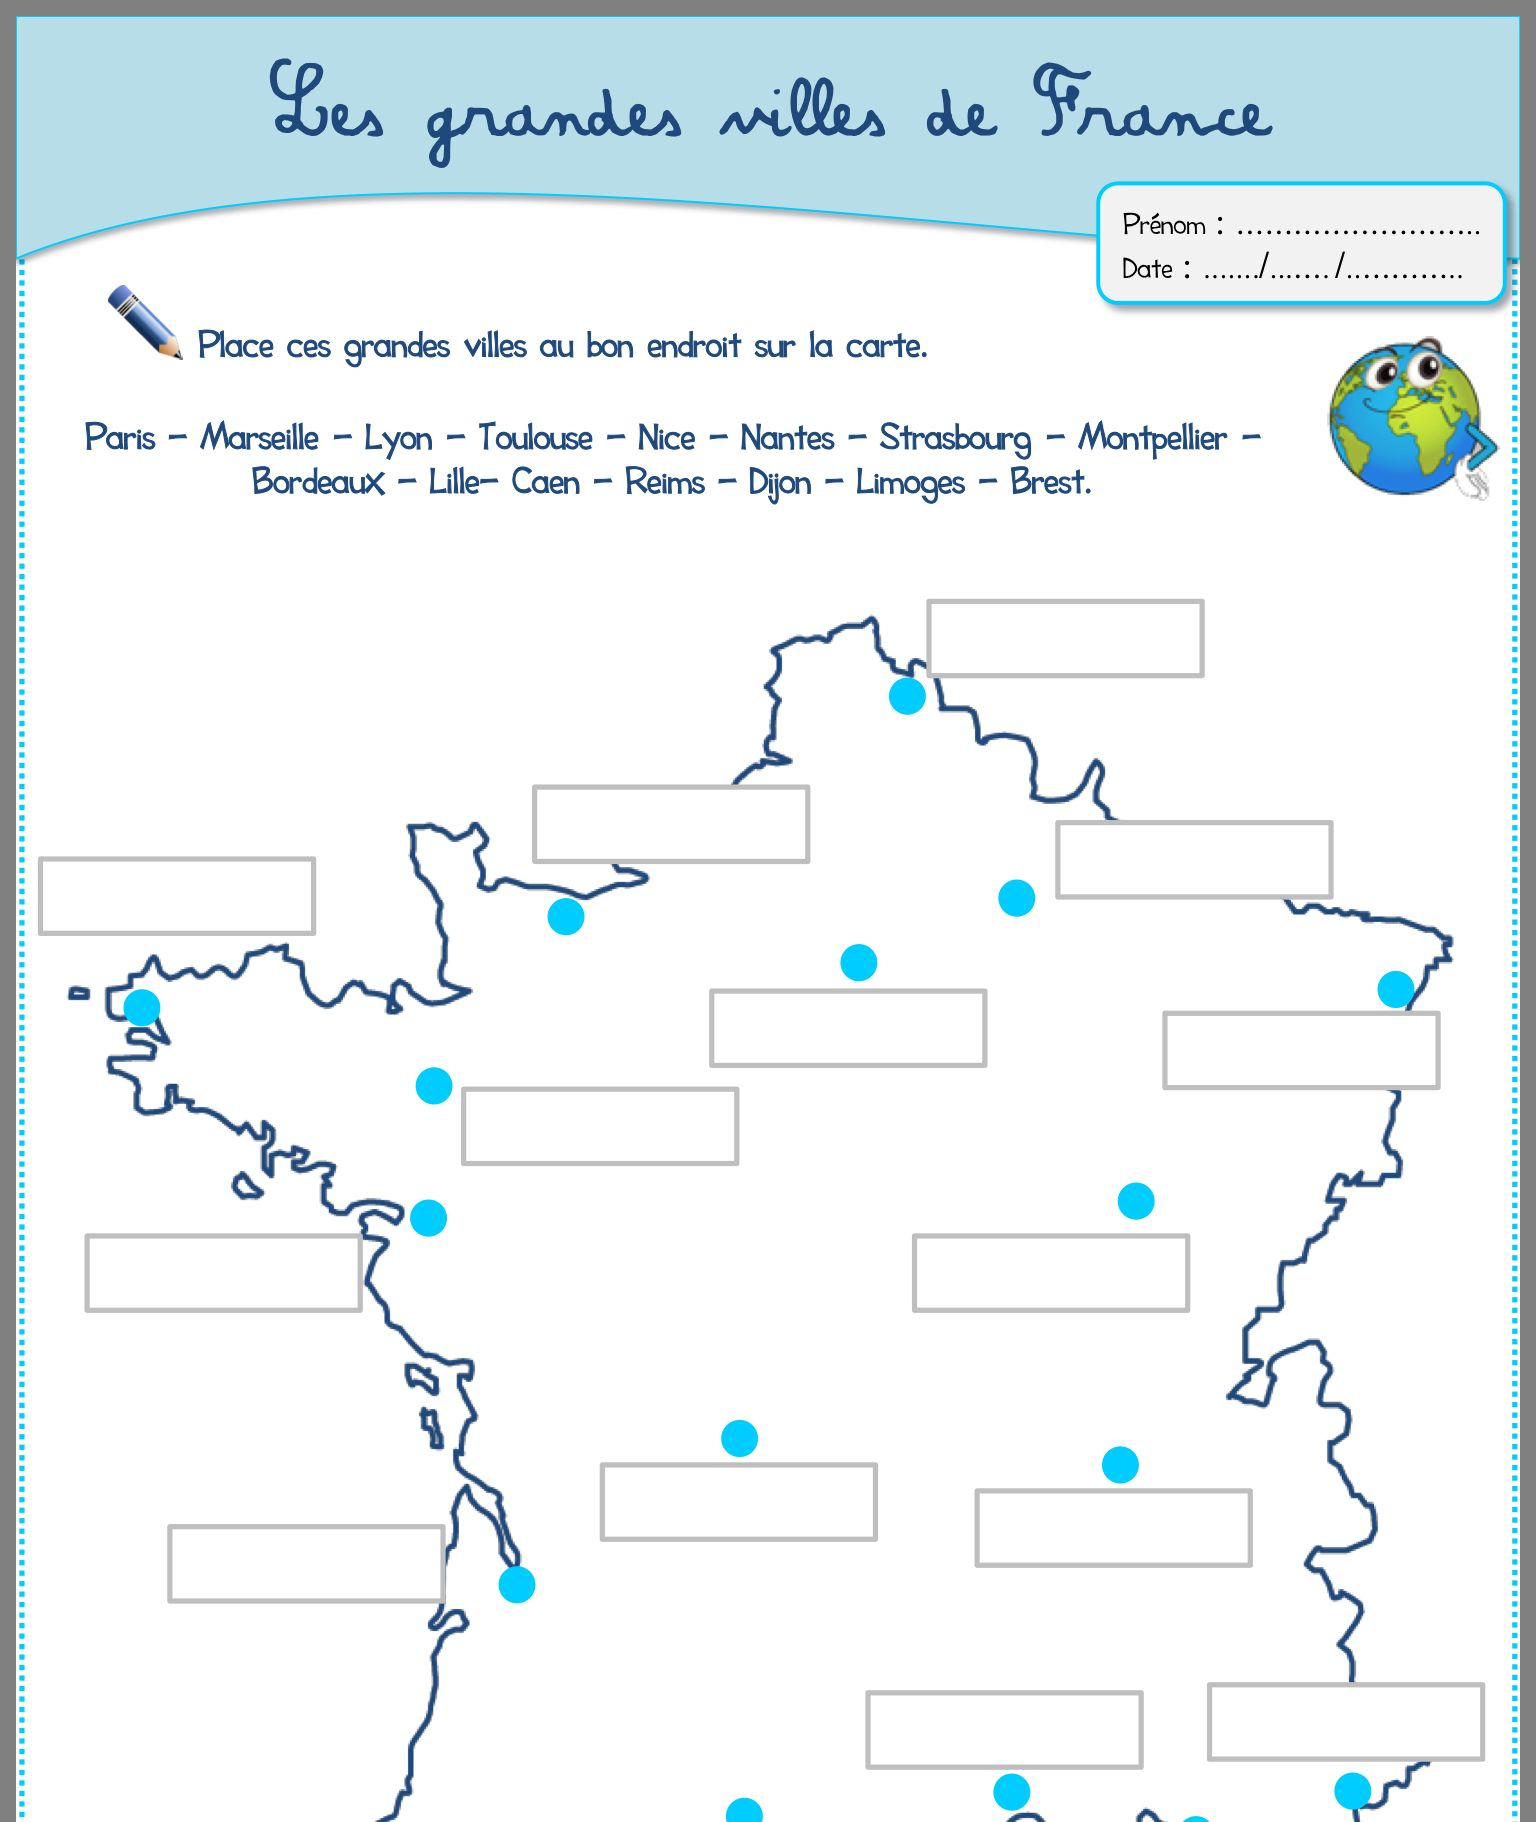 Épinglé Par Kant & Kler Sur Vakantie   Ville France concernant Carte De France Muette À Compléter